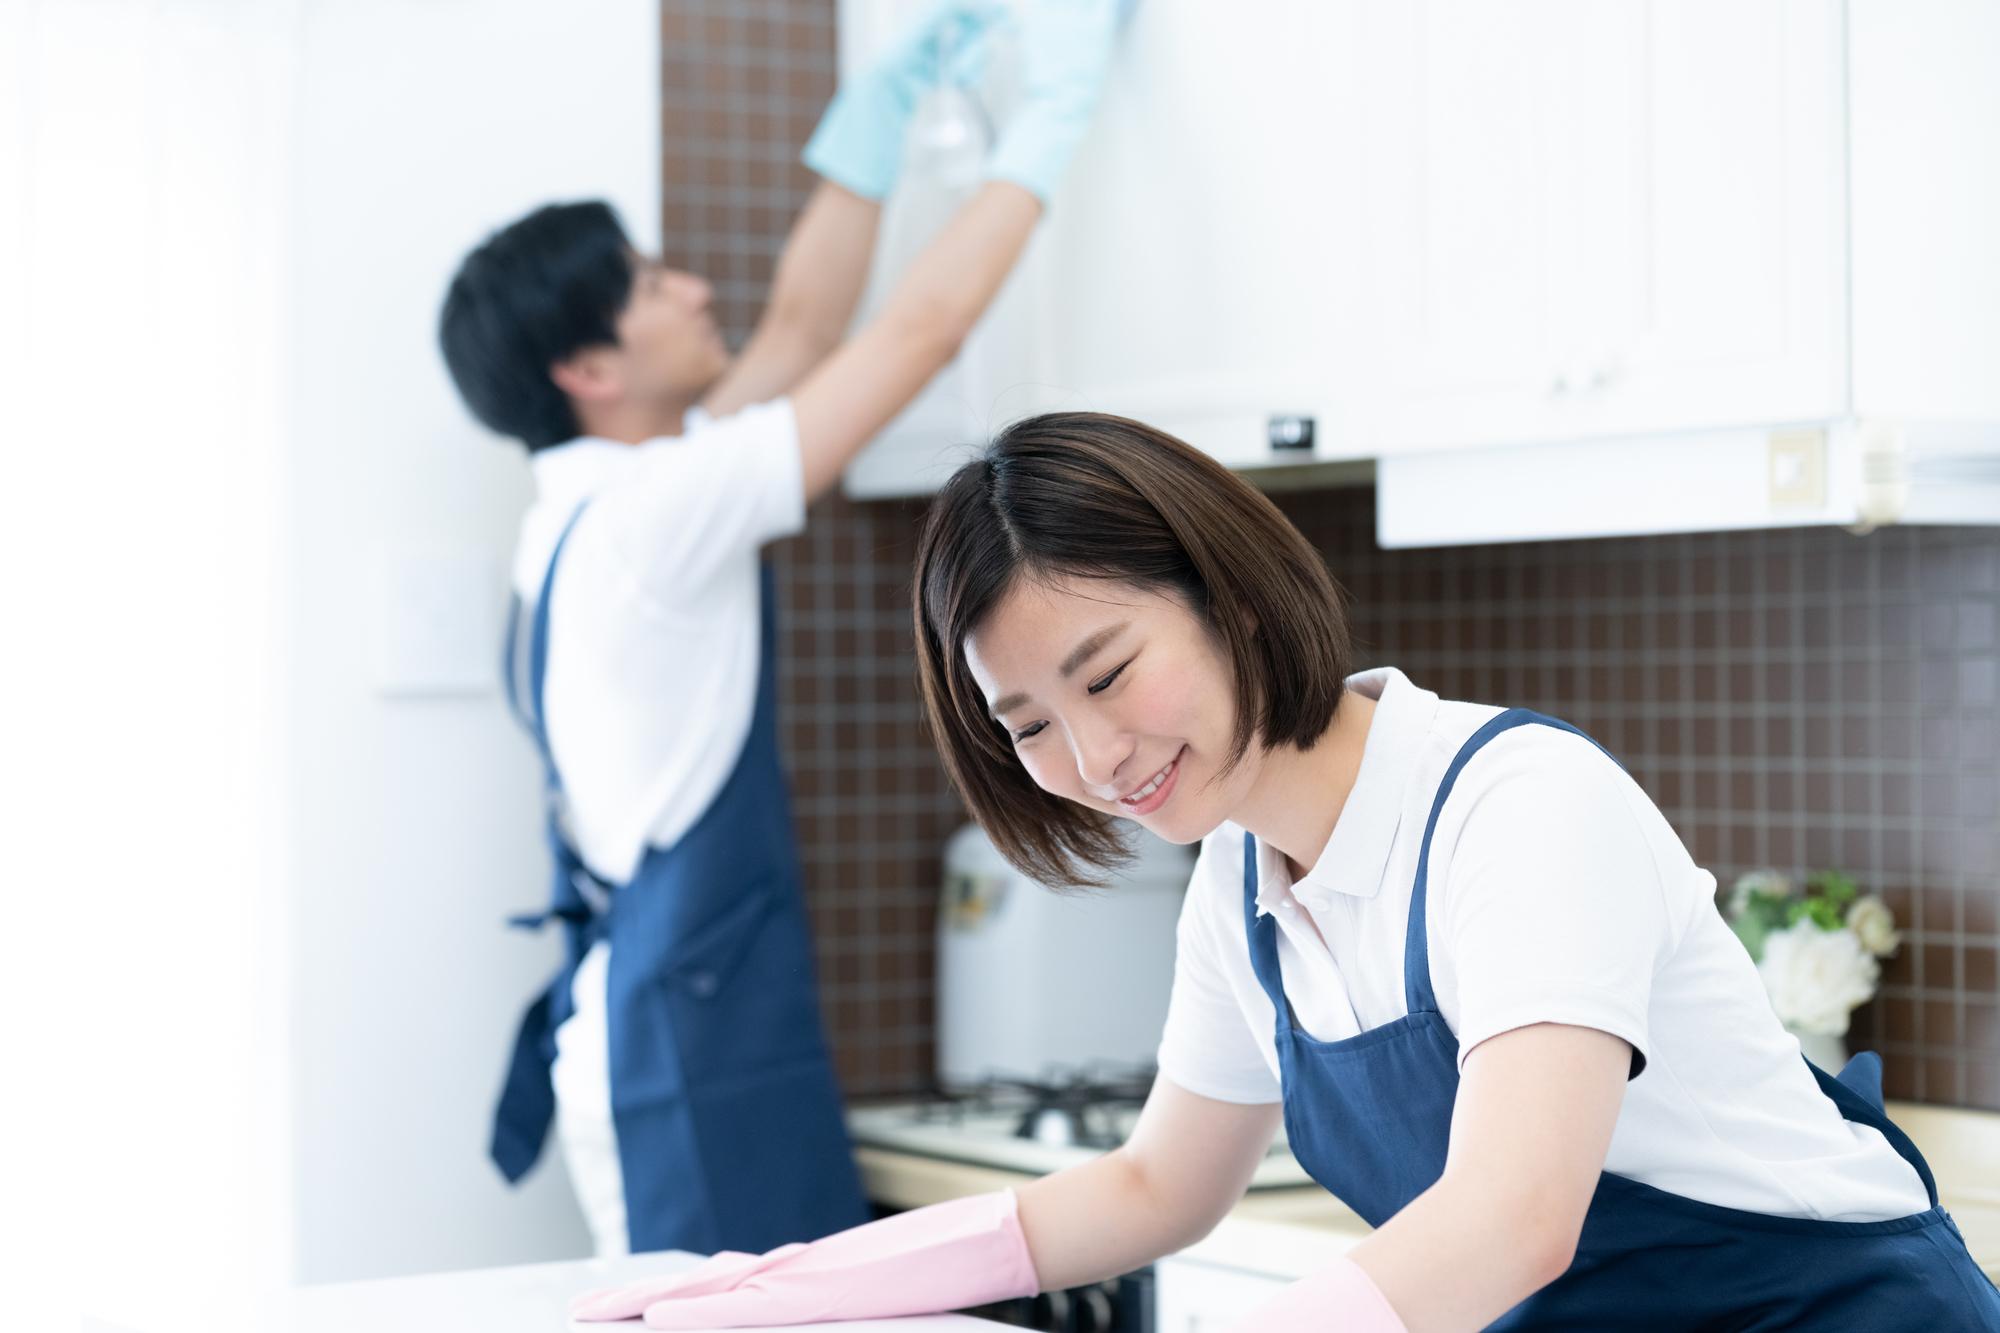 遺品整理の後、ハウスクリーニングはどうする?特殊清掃との違いや業者の選び方を徹底解説